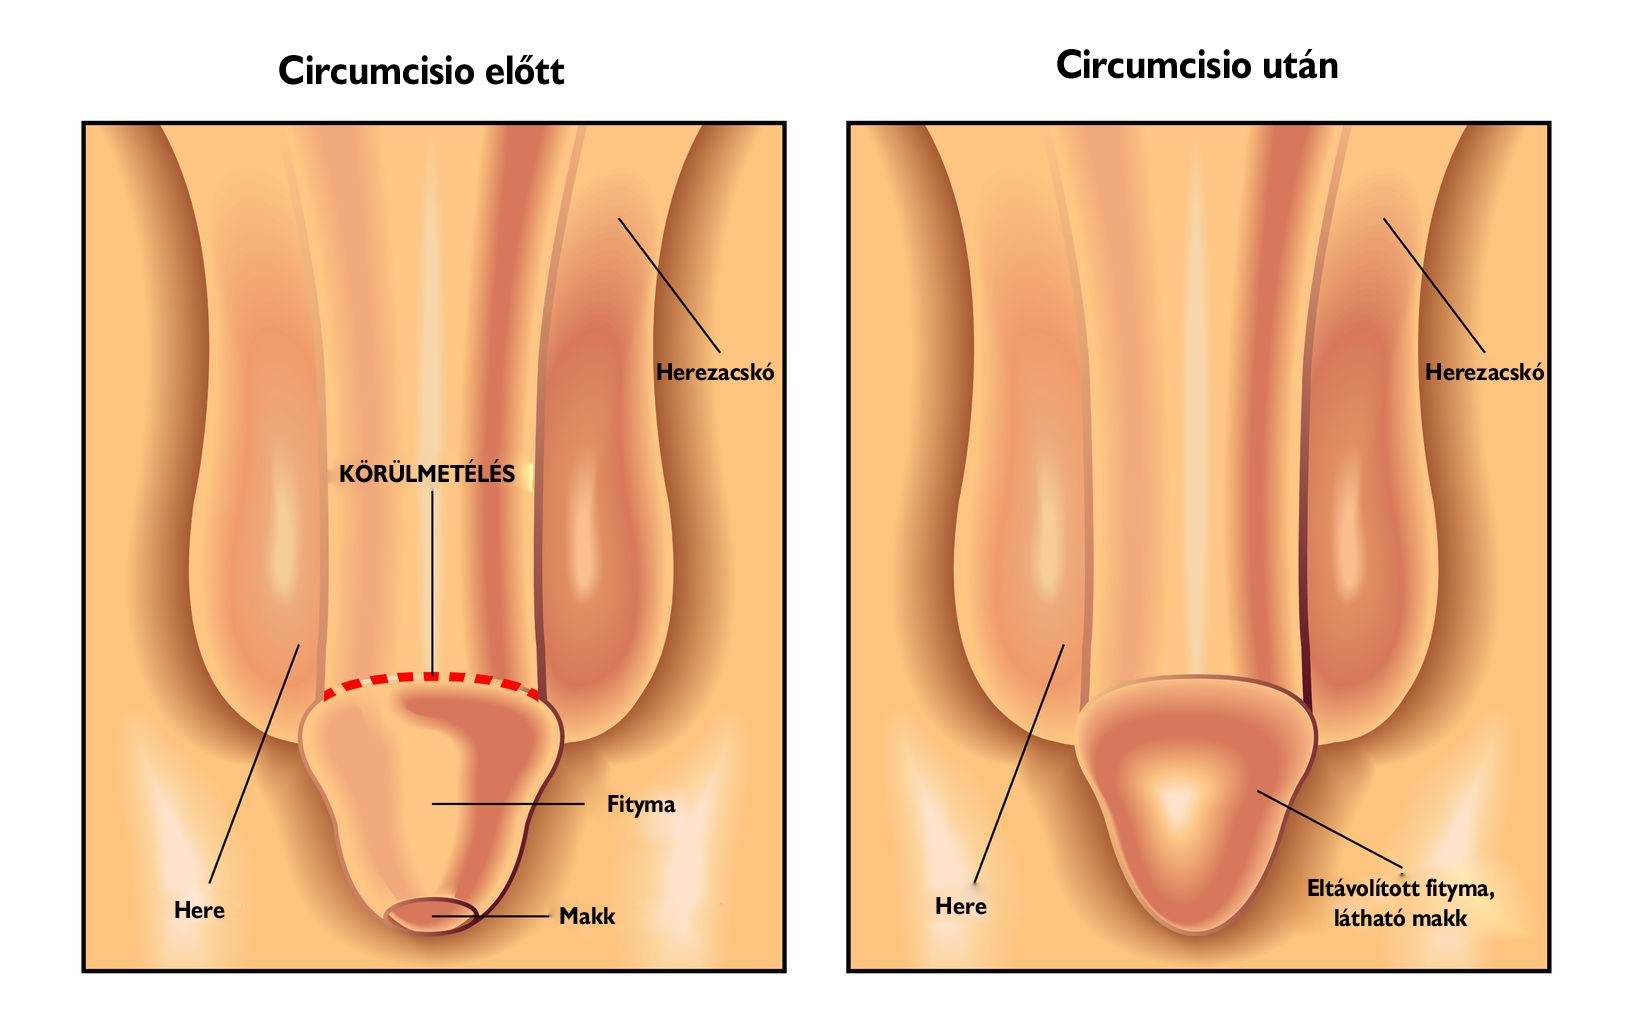 hogy a pénisz izgatott állapotban mikor növekszik